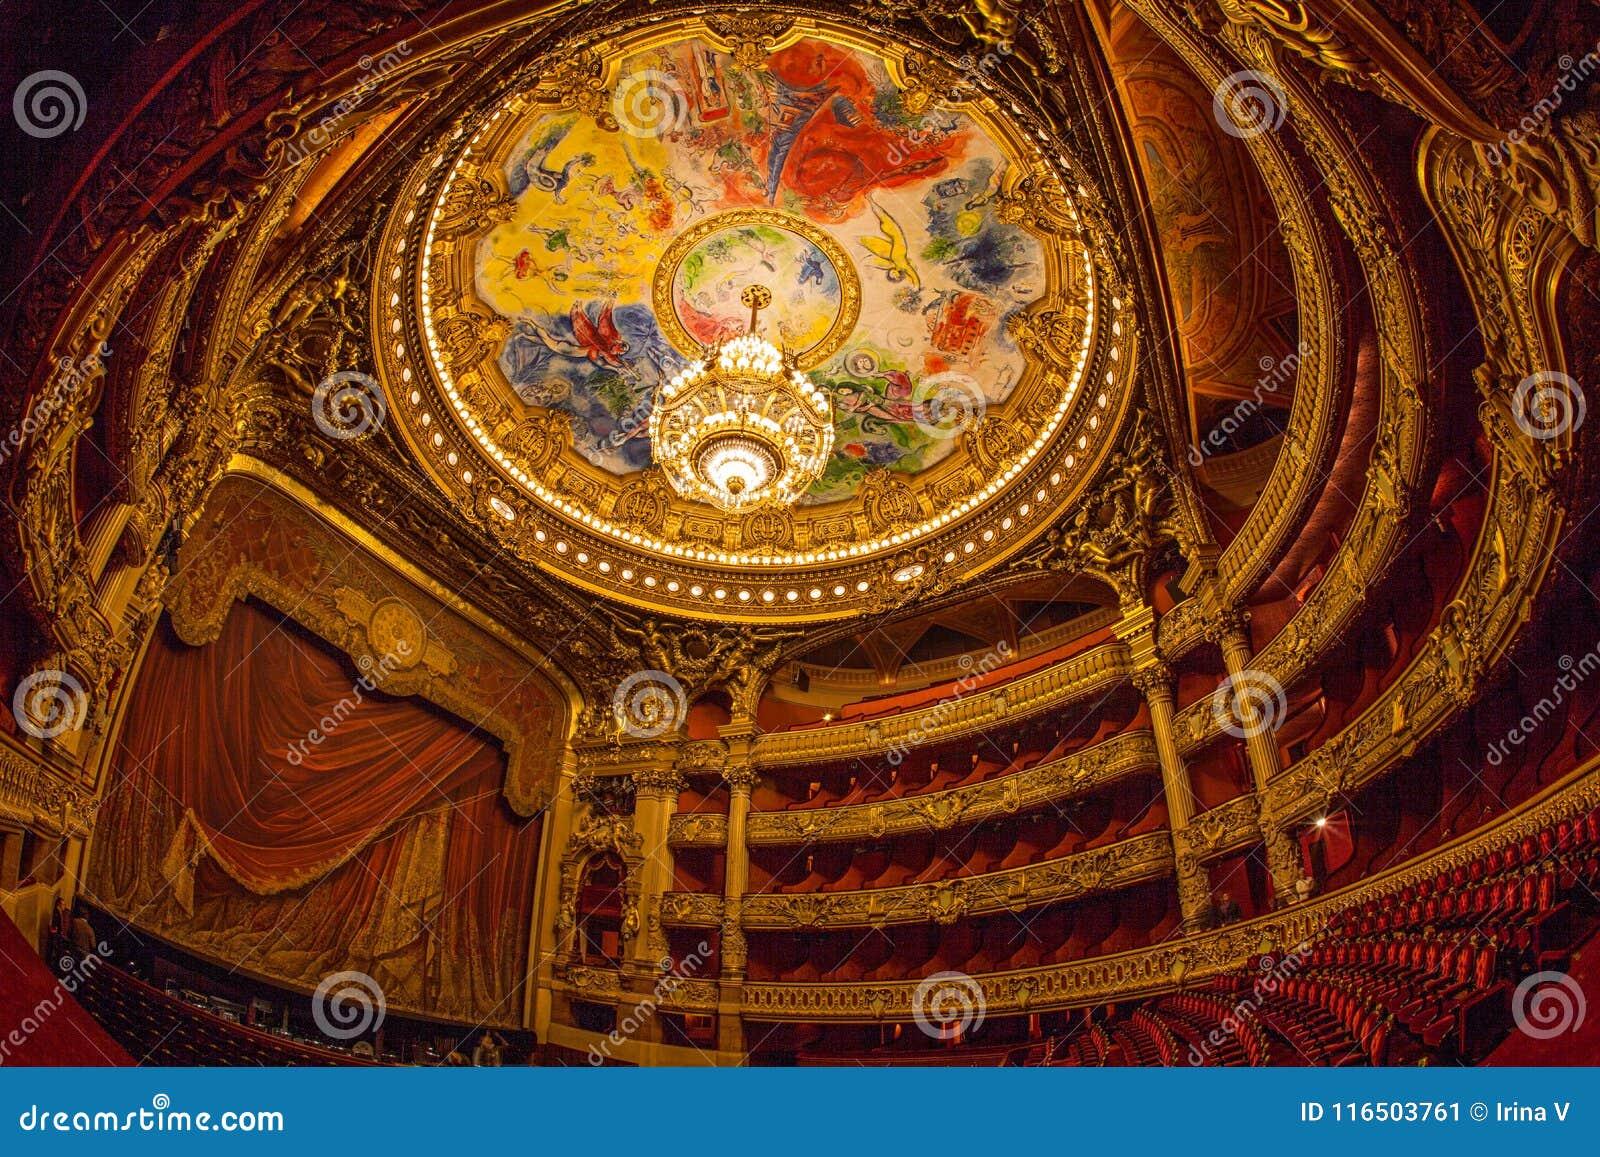 Paris France Octobre 2017 Amphitheatre A L Interieur De Du Palais Garnier Opera Garnier A Paris France Le Secteur De Plafon Photo Editorial Image Du Palais Opera 116503761